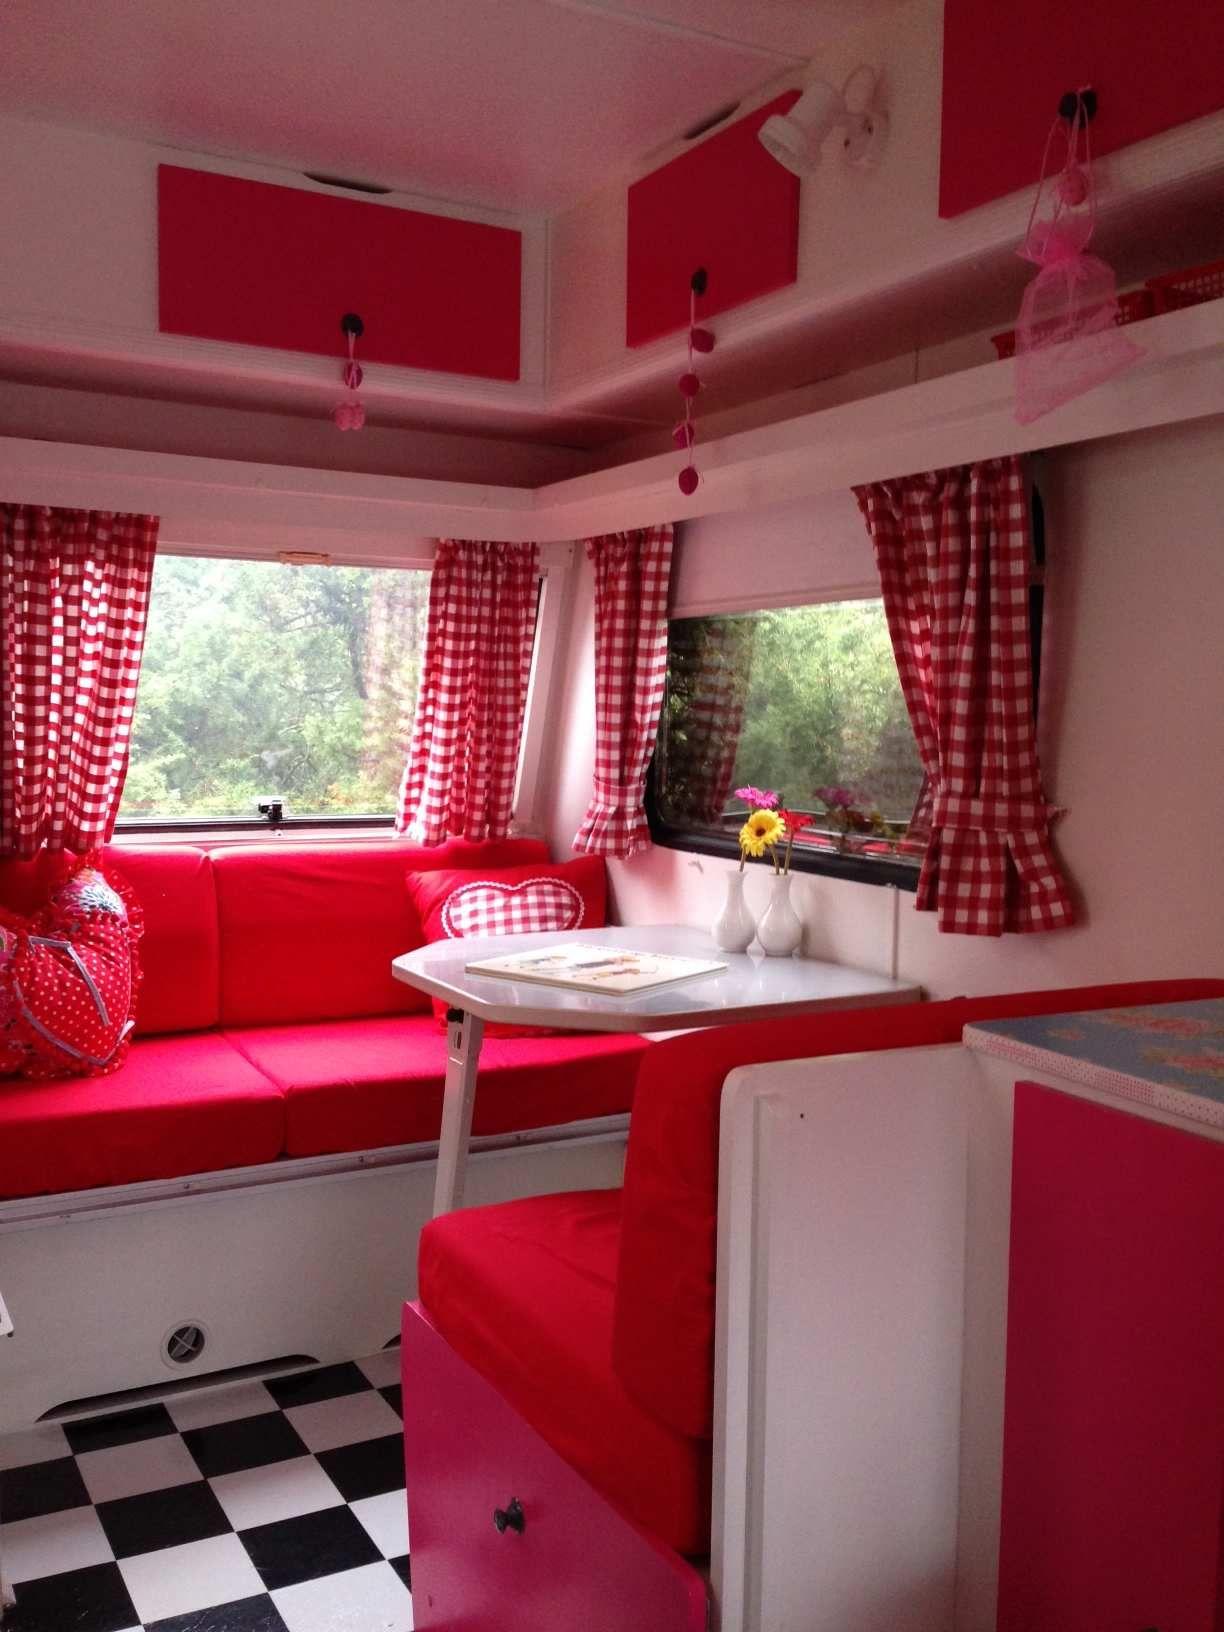 rot und weiss wohnwagen ideen pinterest weiss rot und wohnwagen. Black Bedroom Furniture Sets. Home Design Ideas